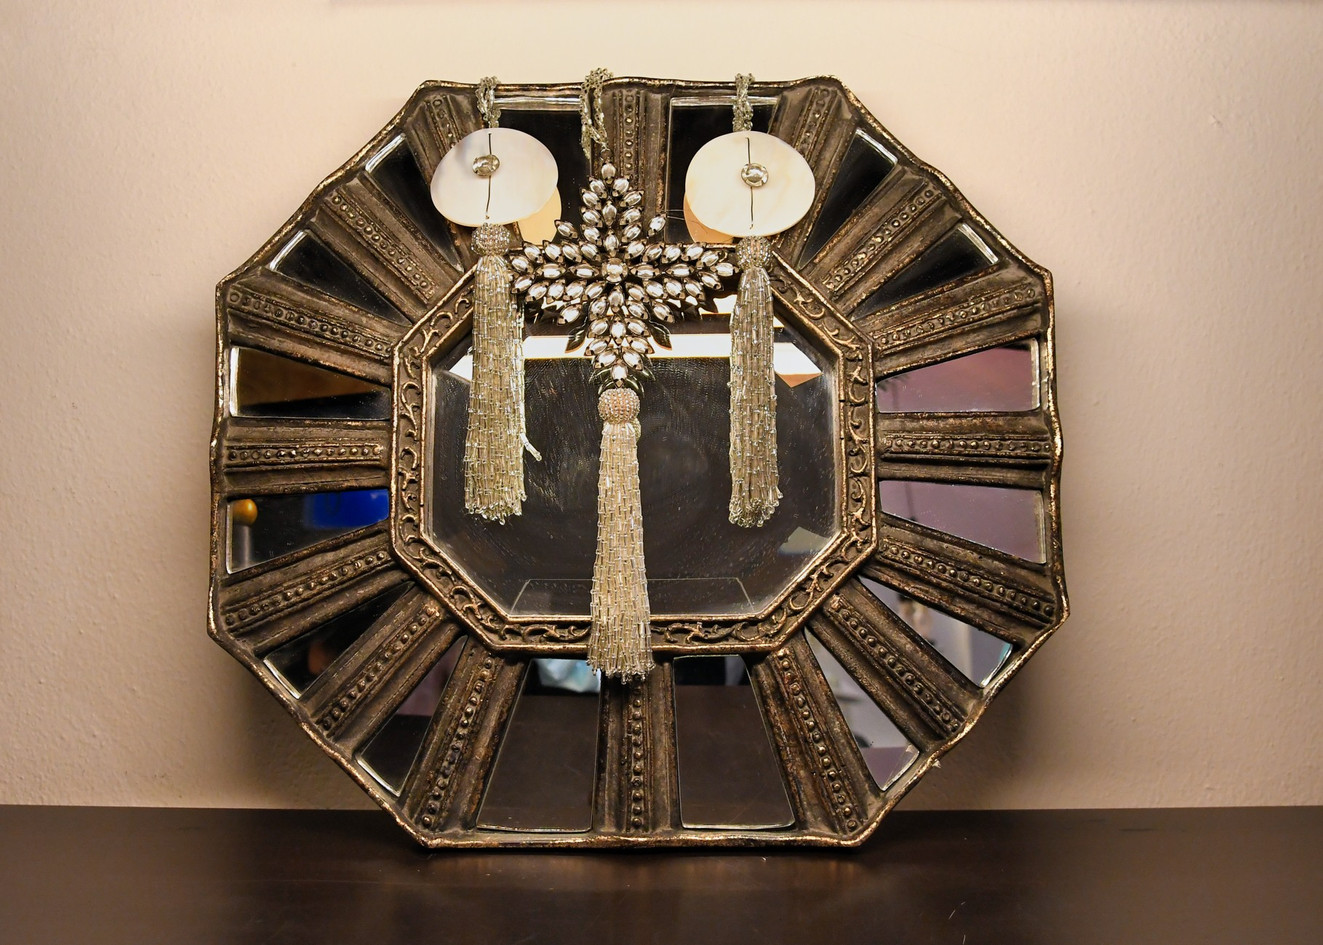 Specchio contemporaneao, Specchio e ottone  Ciondoli natalizi  - misure varie, Vetro argentato, strass, carta effetto origami